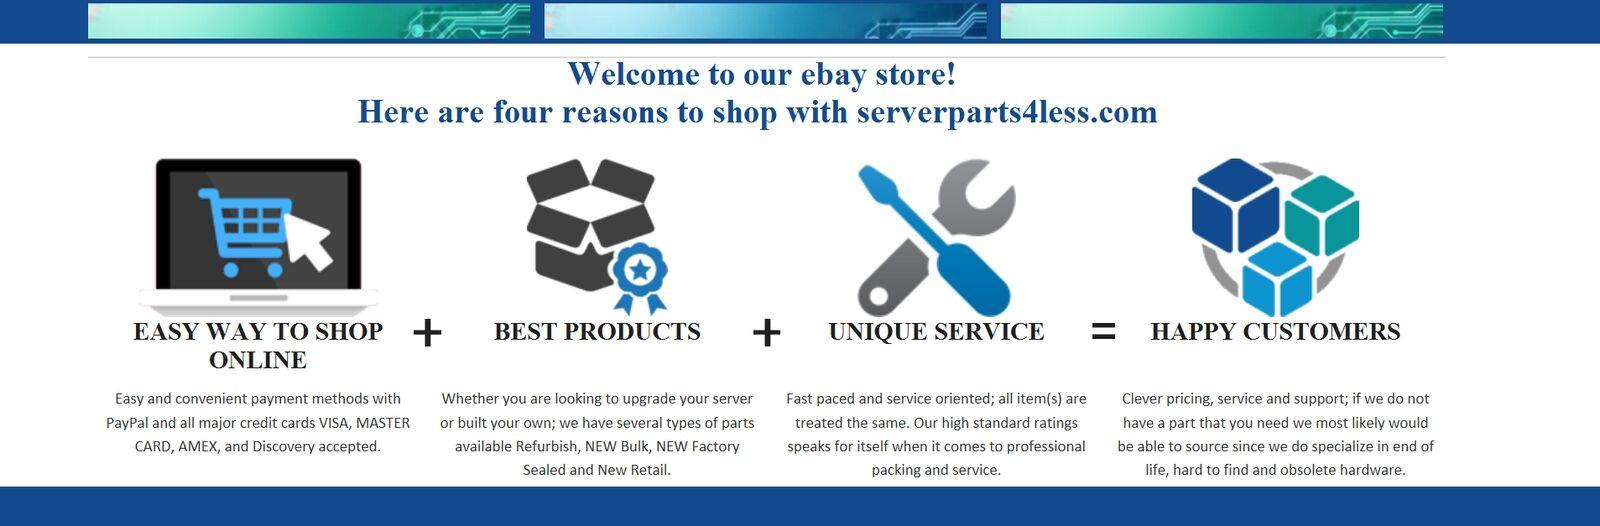 SERVERPARTS4LESS